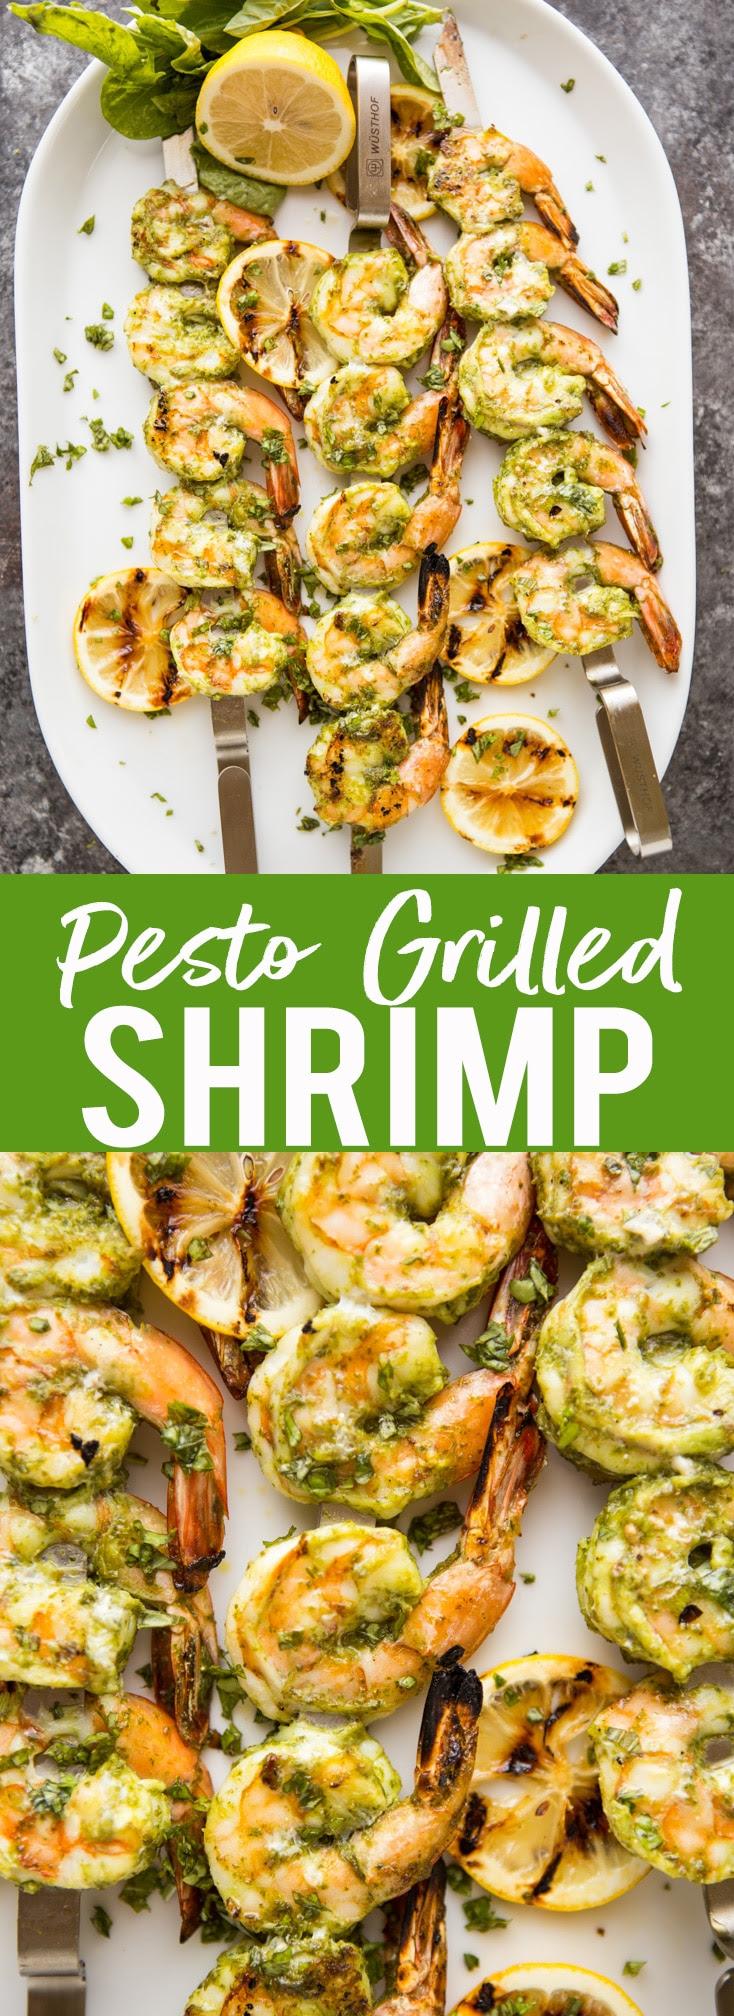 Pesto Grilled Shrimp  Fox and Briar